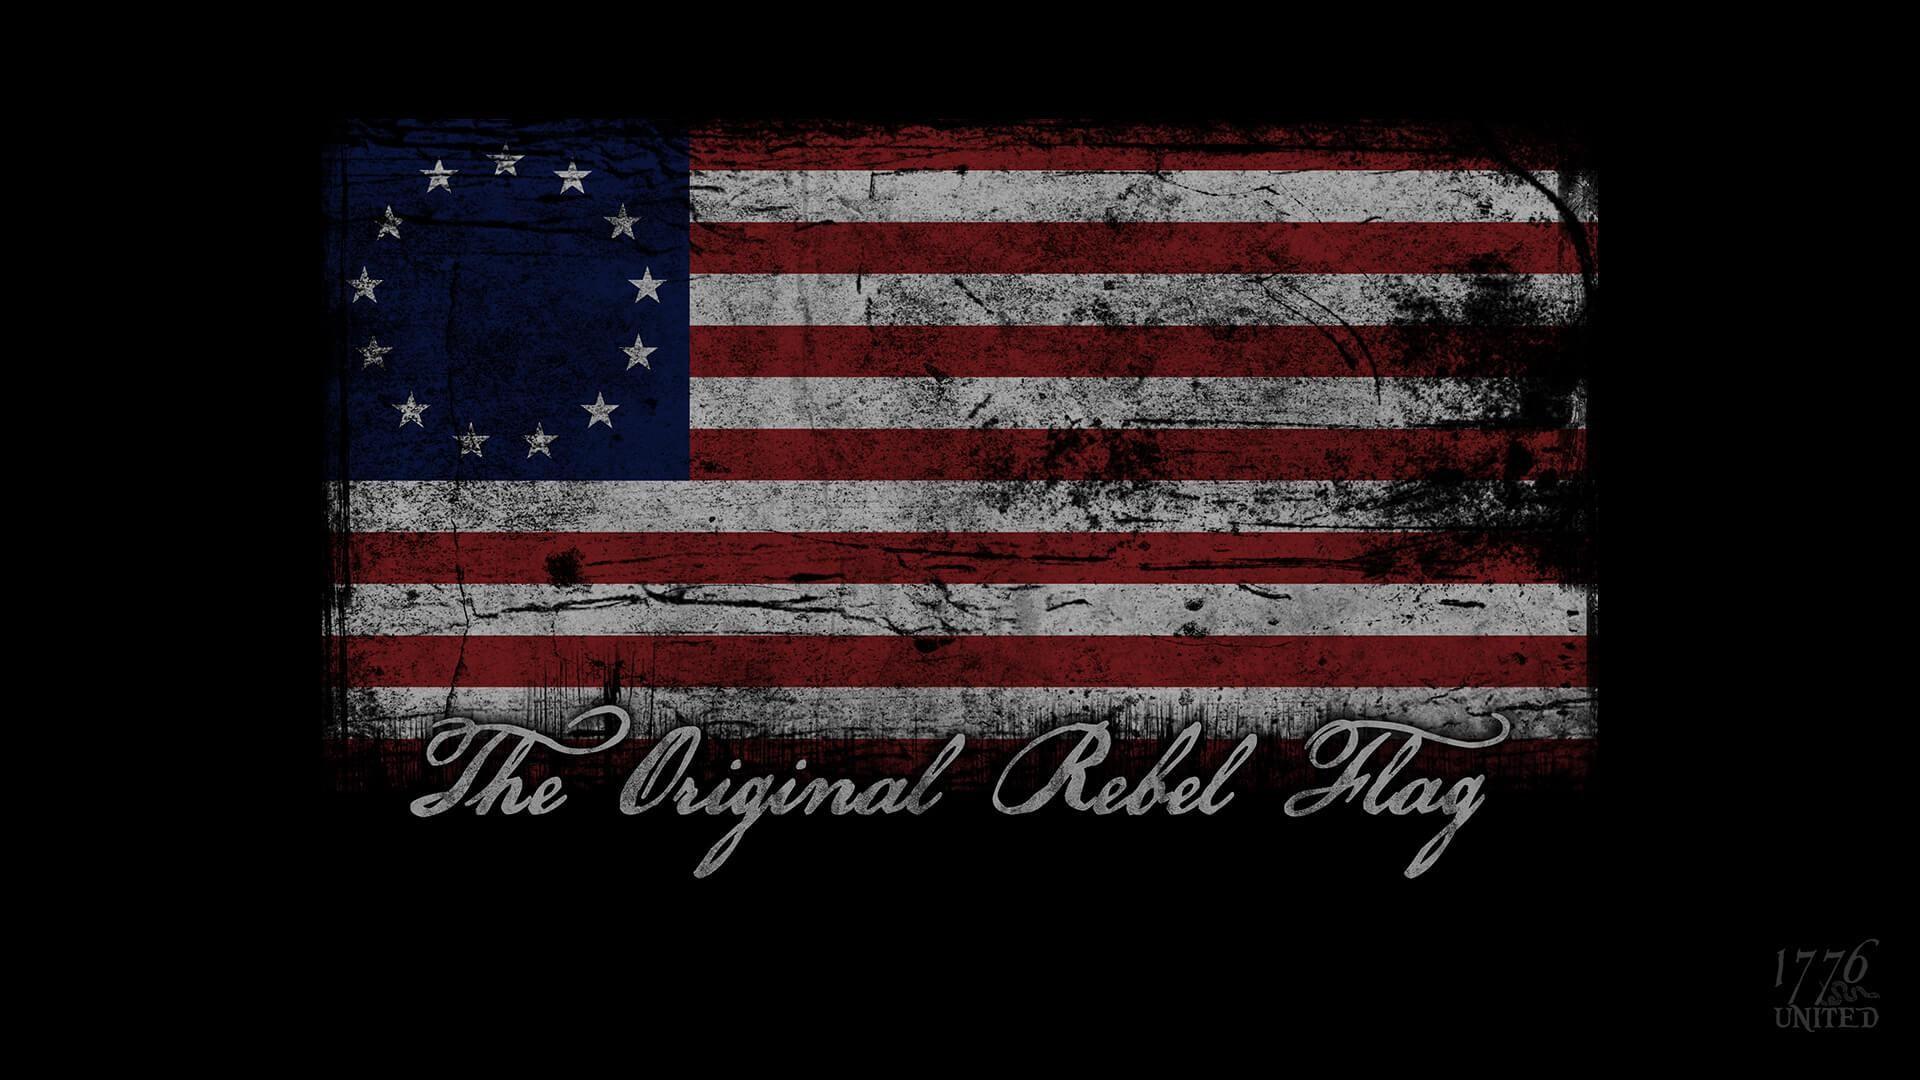 … The Original Rebel Flag Wallpaper …